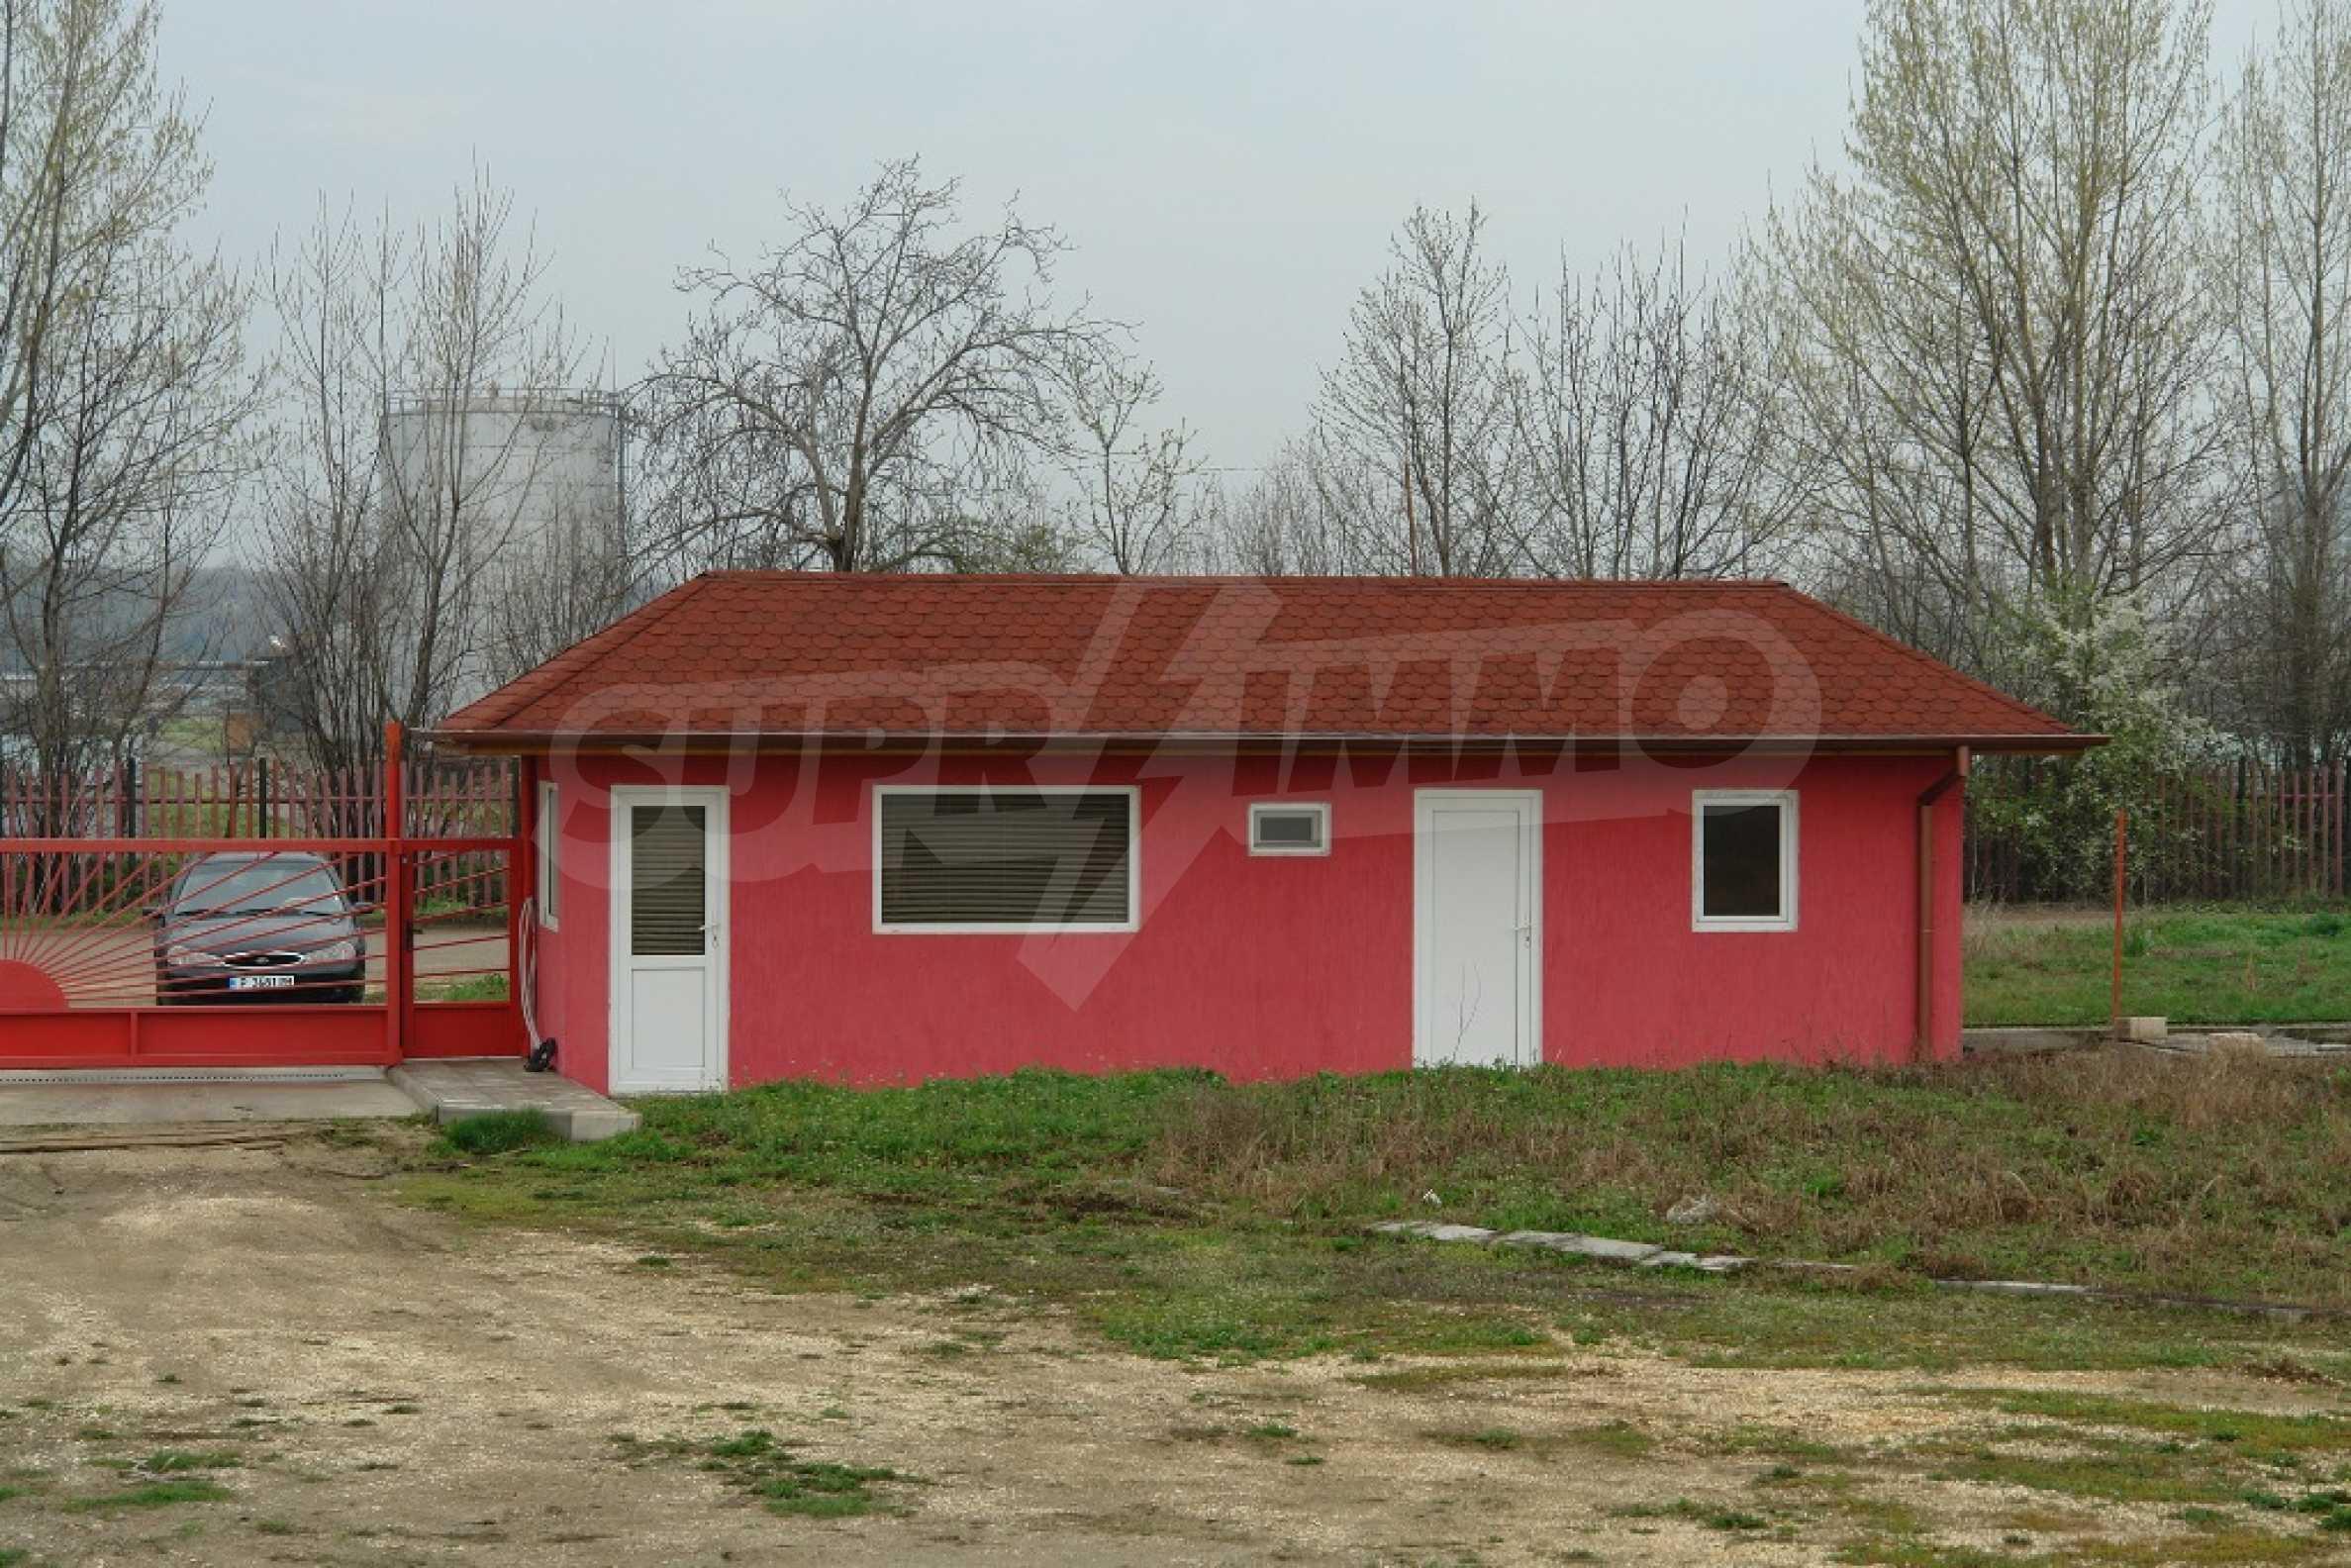 Индустриално-пакетажна база в град Мартен, Русенска област 2